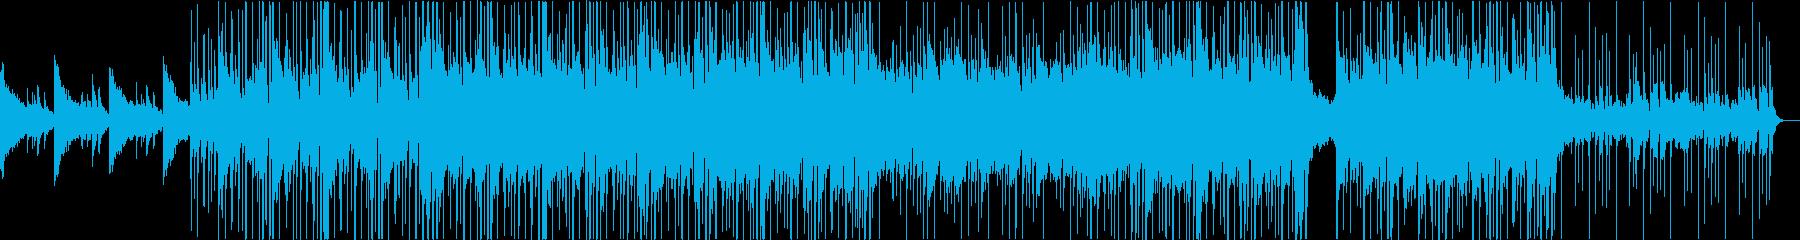 寝しなに聴ける落ち着いたチルアウトの再生済みの波形